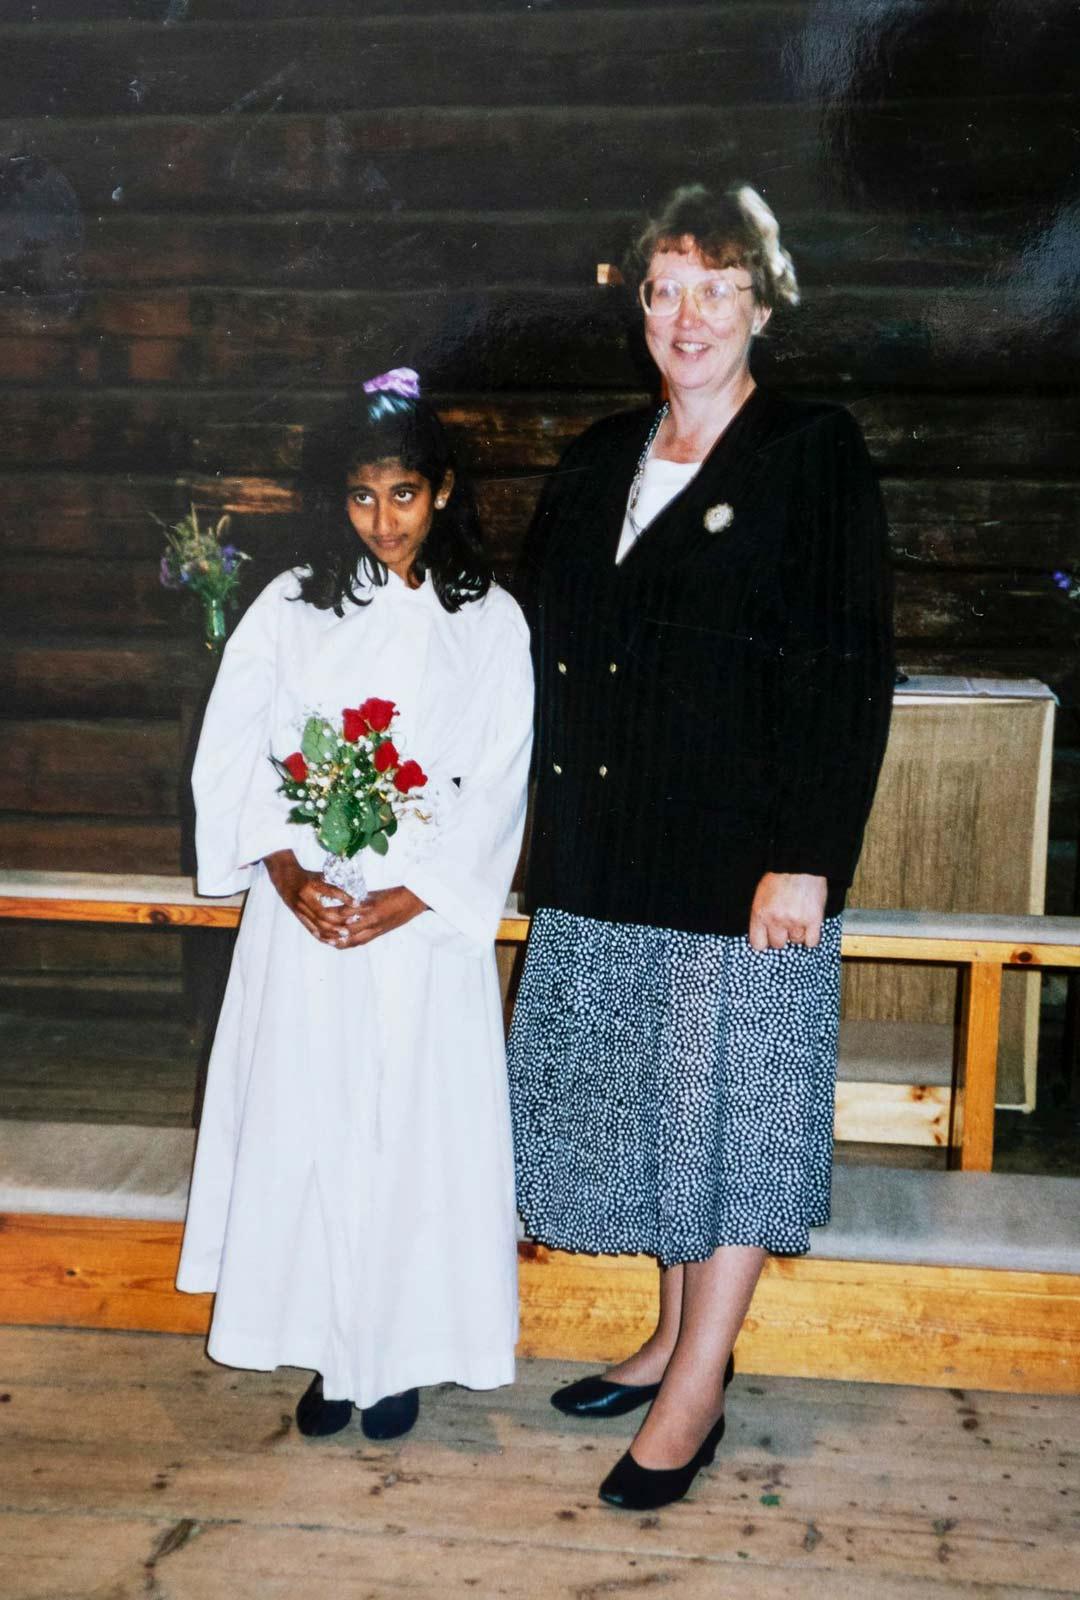 Etni Khan ja Riitta Etnin rippijuhlissa. Kuva on otettu Kotiliesi-lehdessä julkaistuun juttuun.